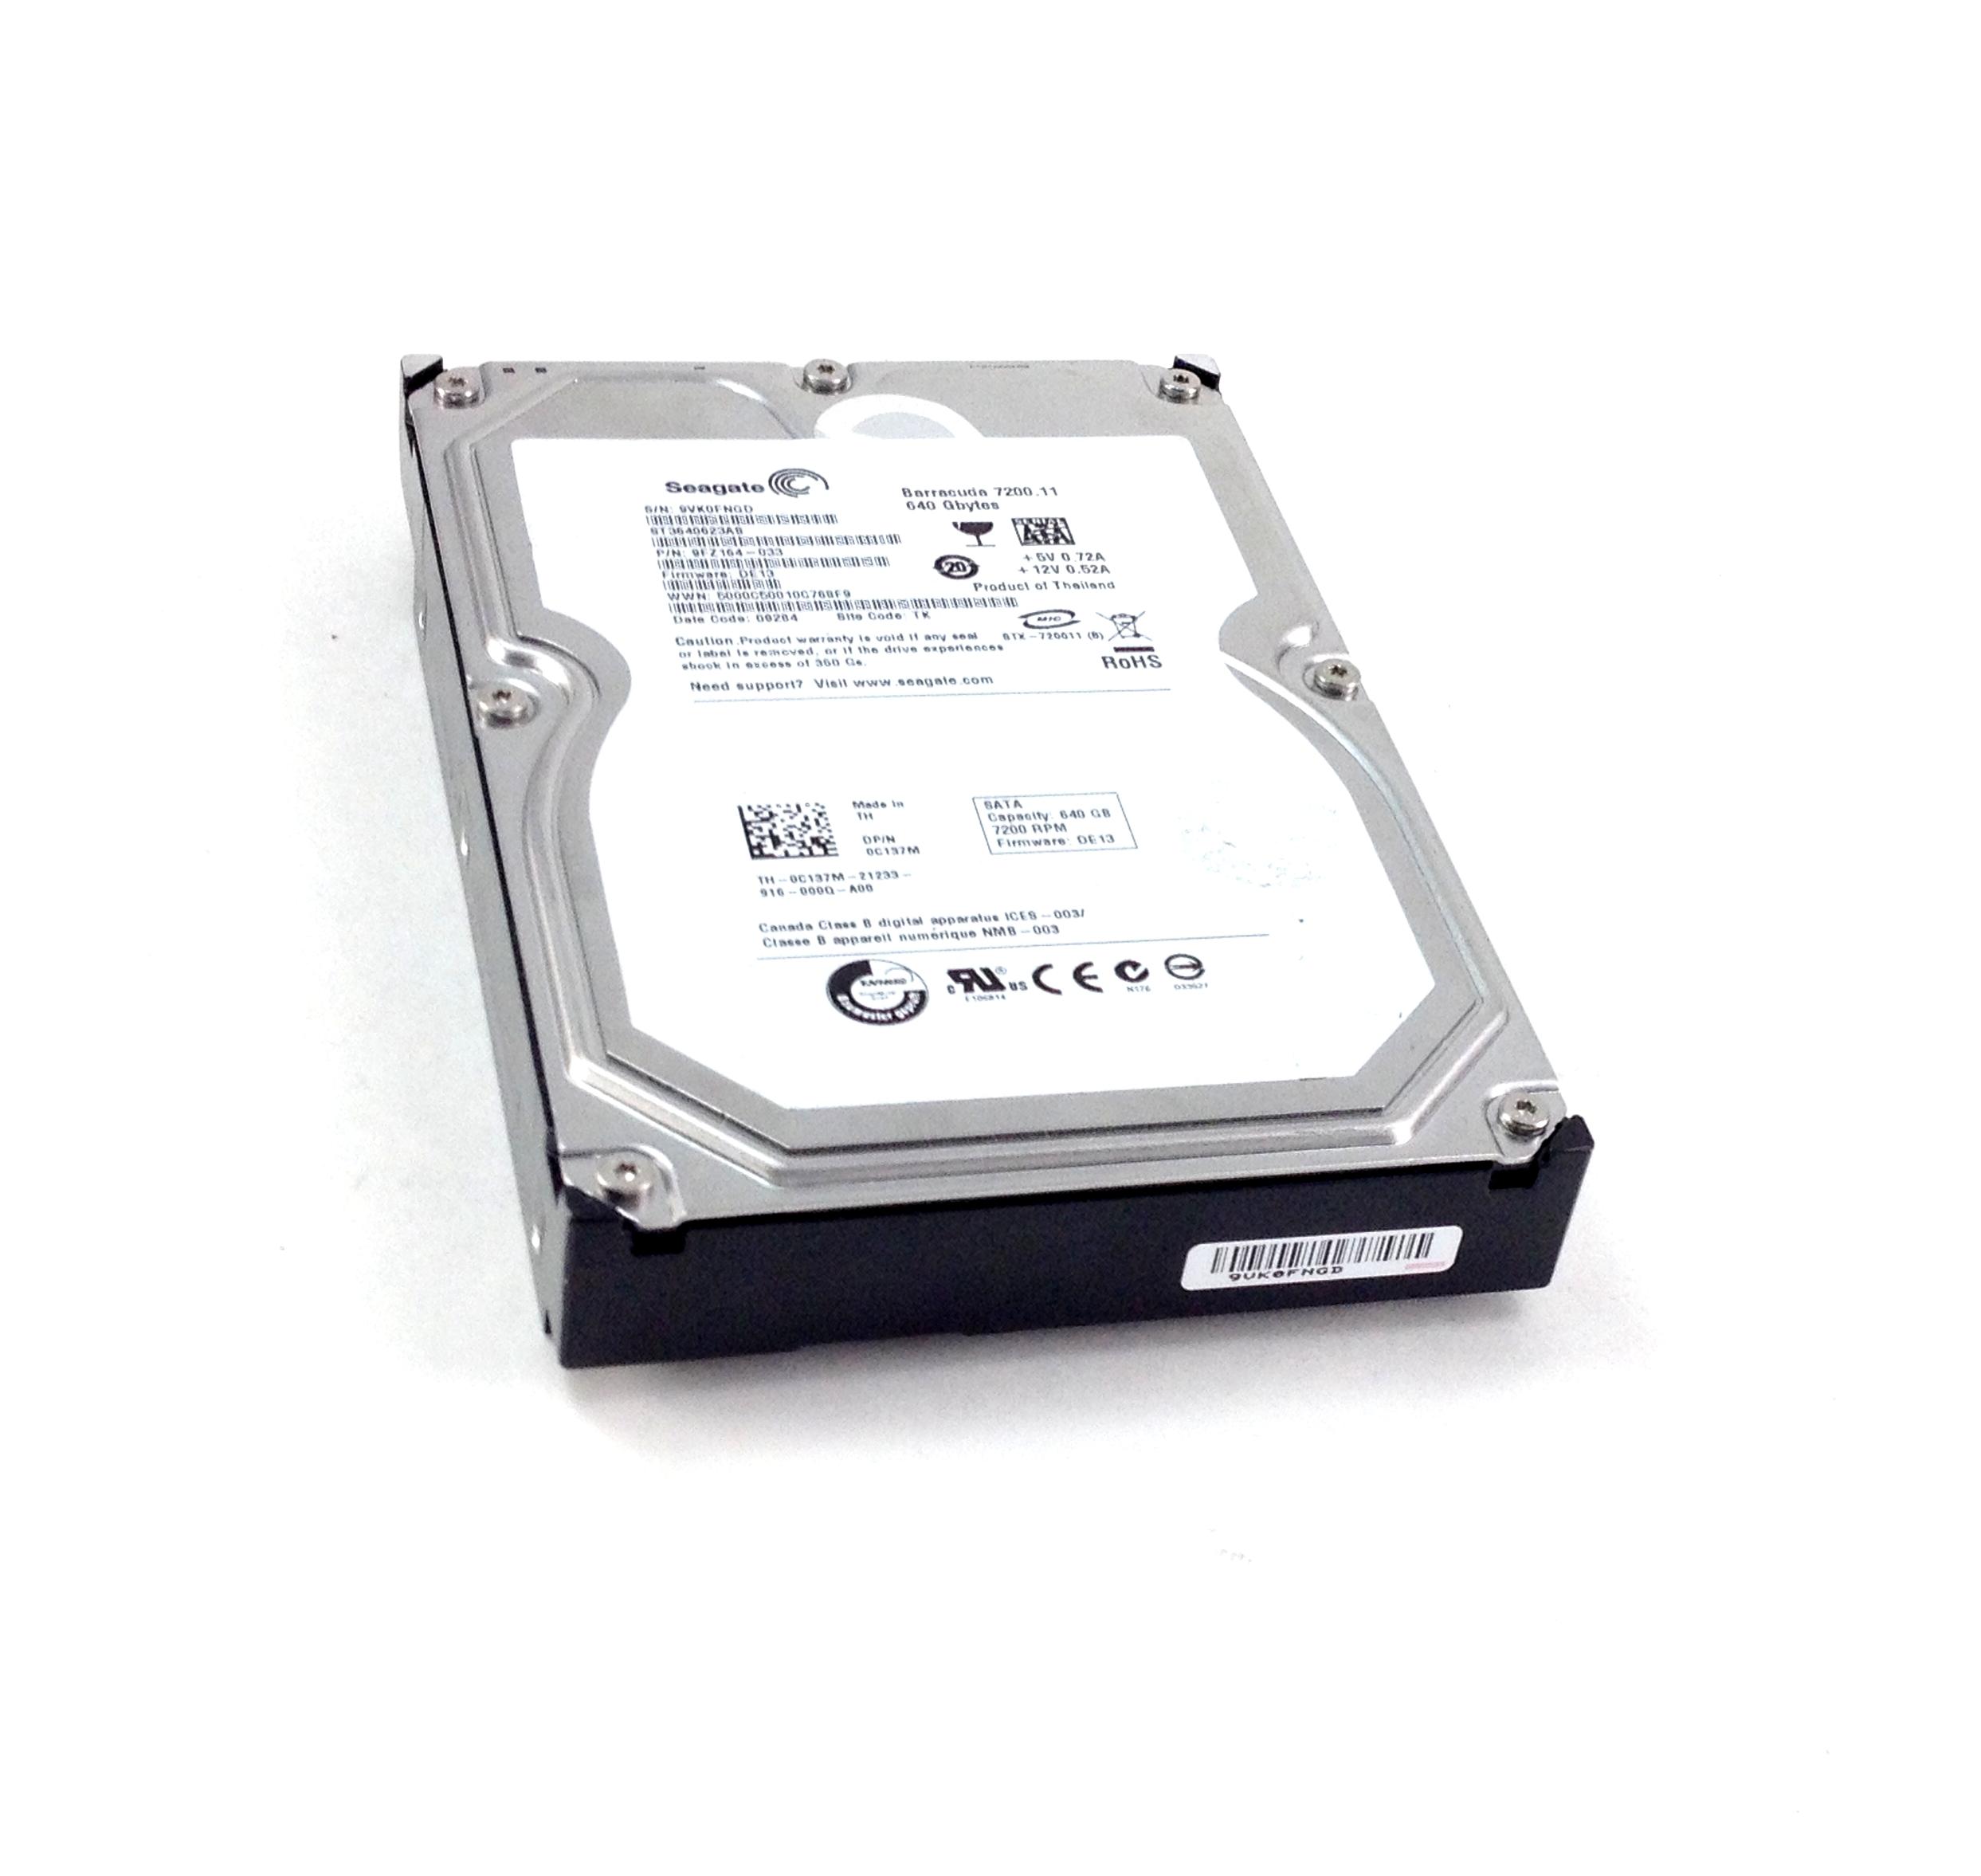 Dell 640Gb 7.2K 3Gbps SATA 3.5'' Hard Drive (C137M)